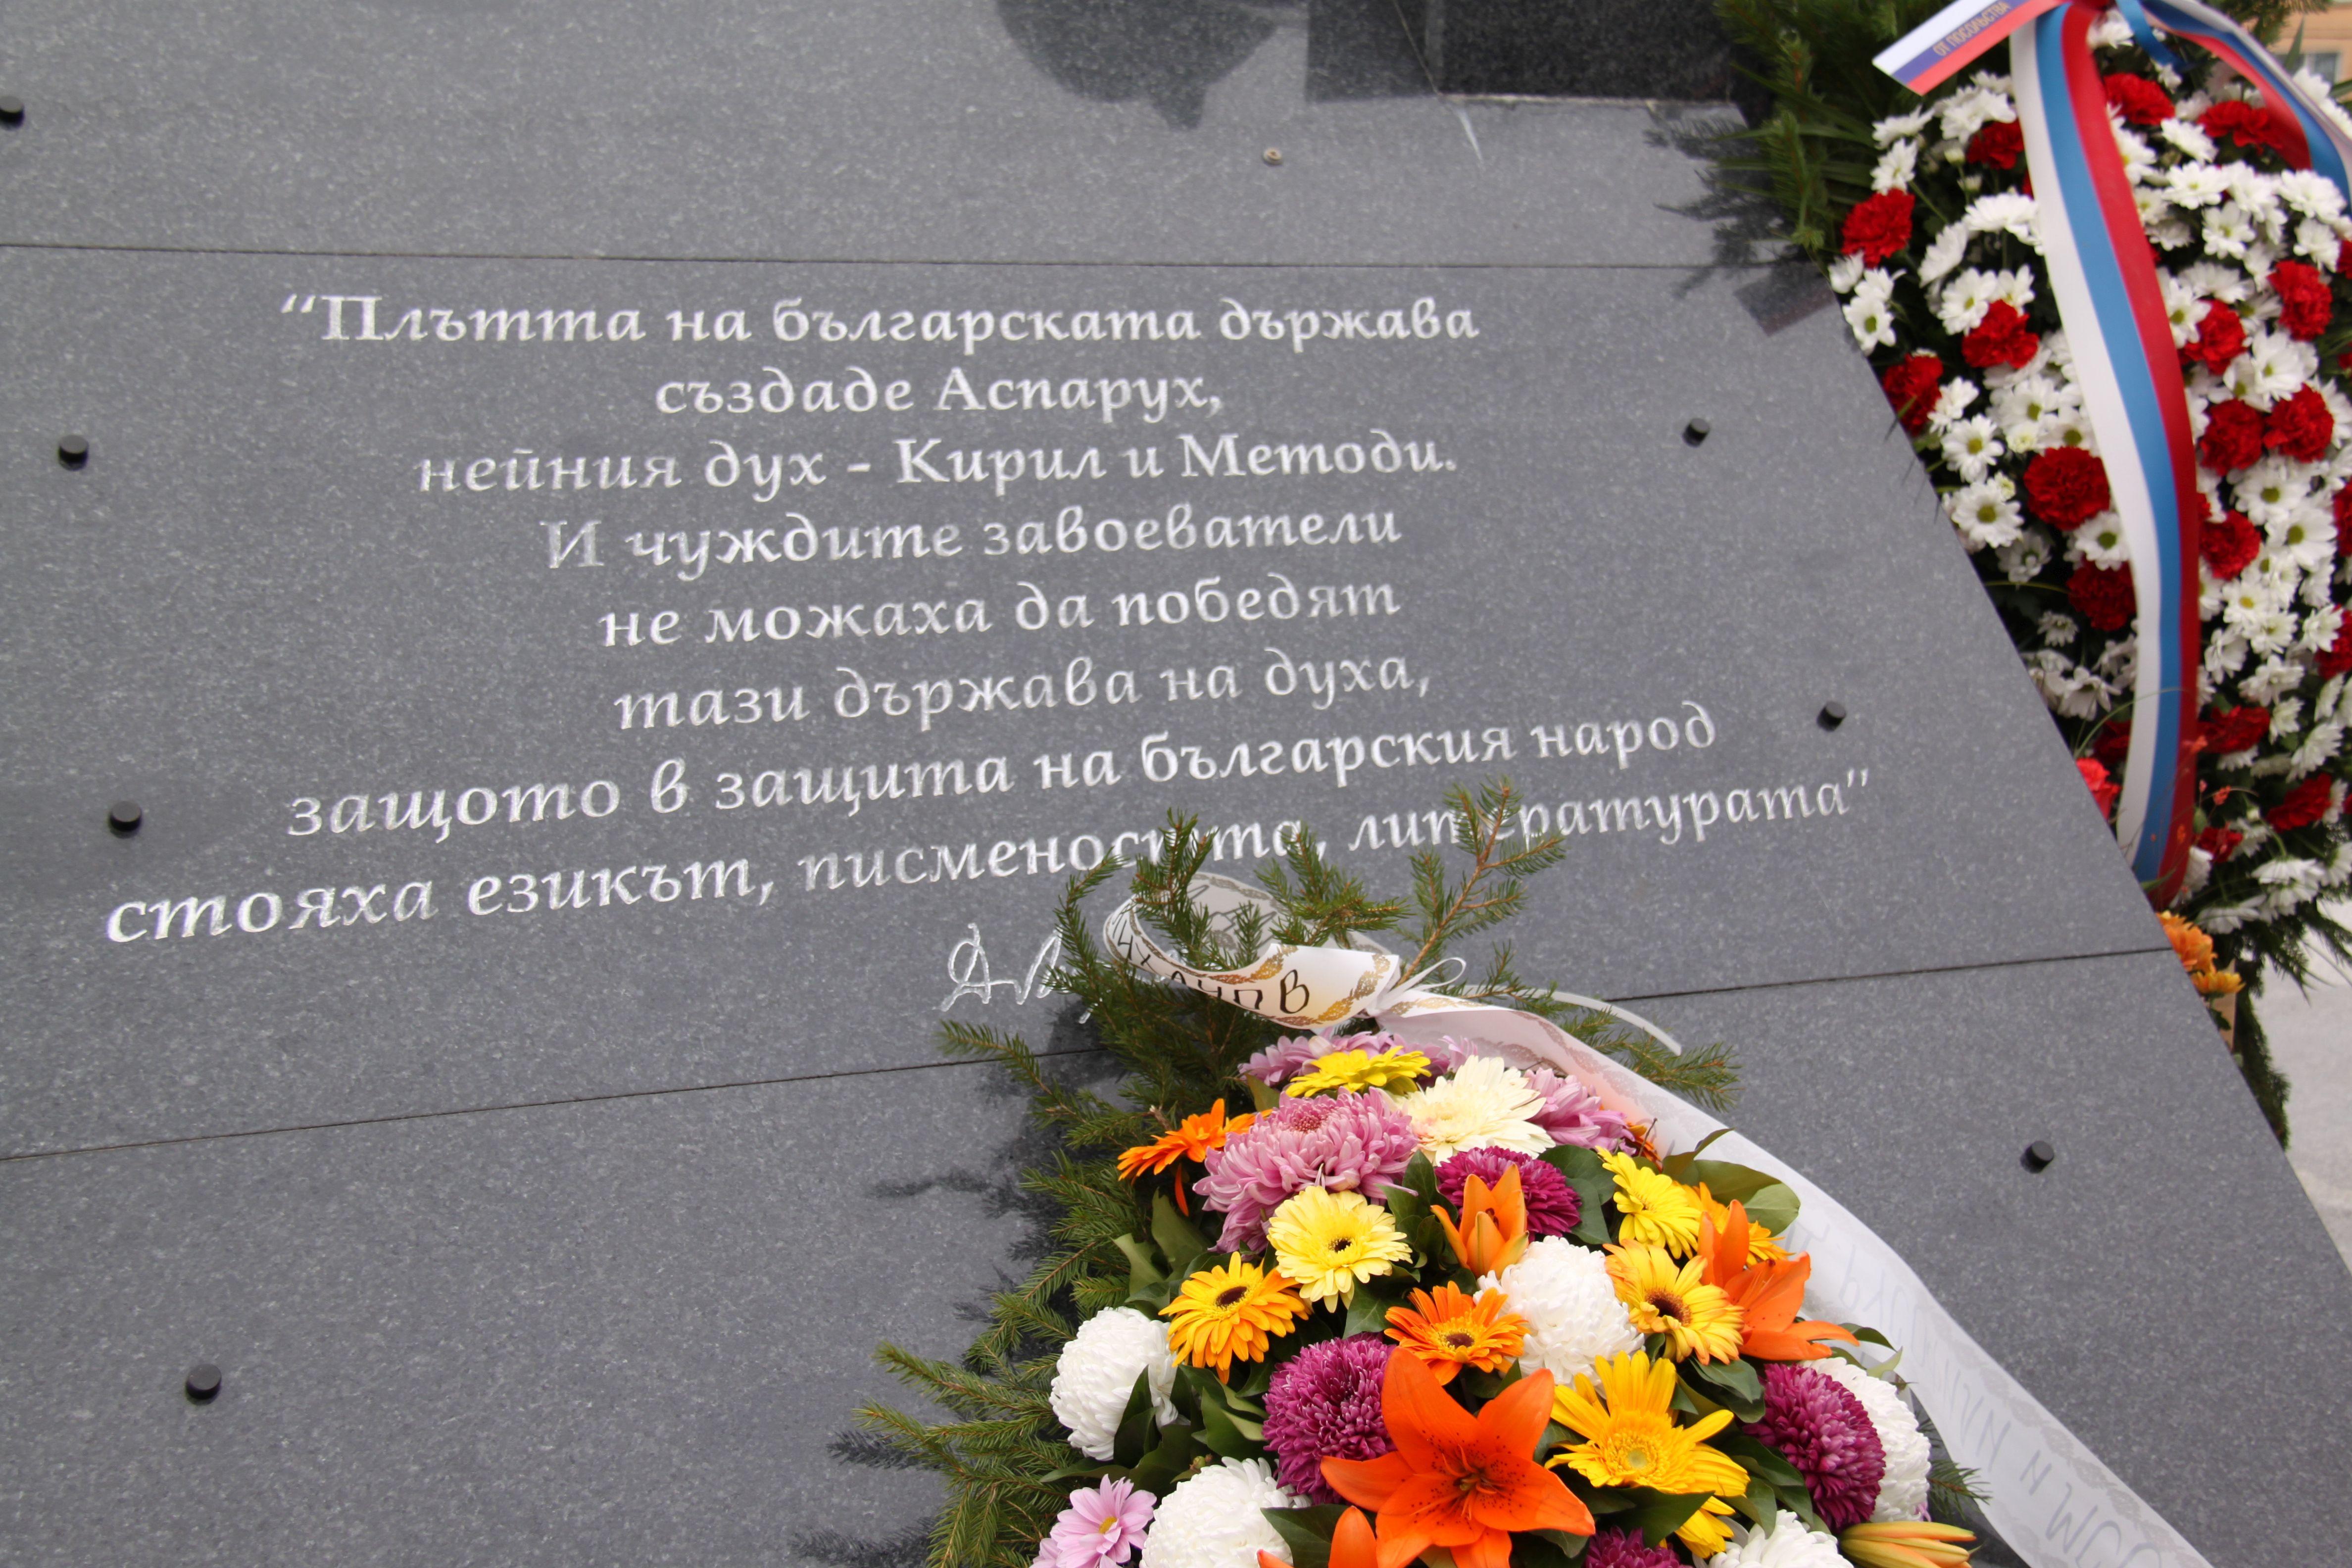 Цветя на паметника на акад. Дмитрий Лихачов.